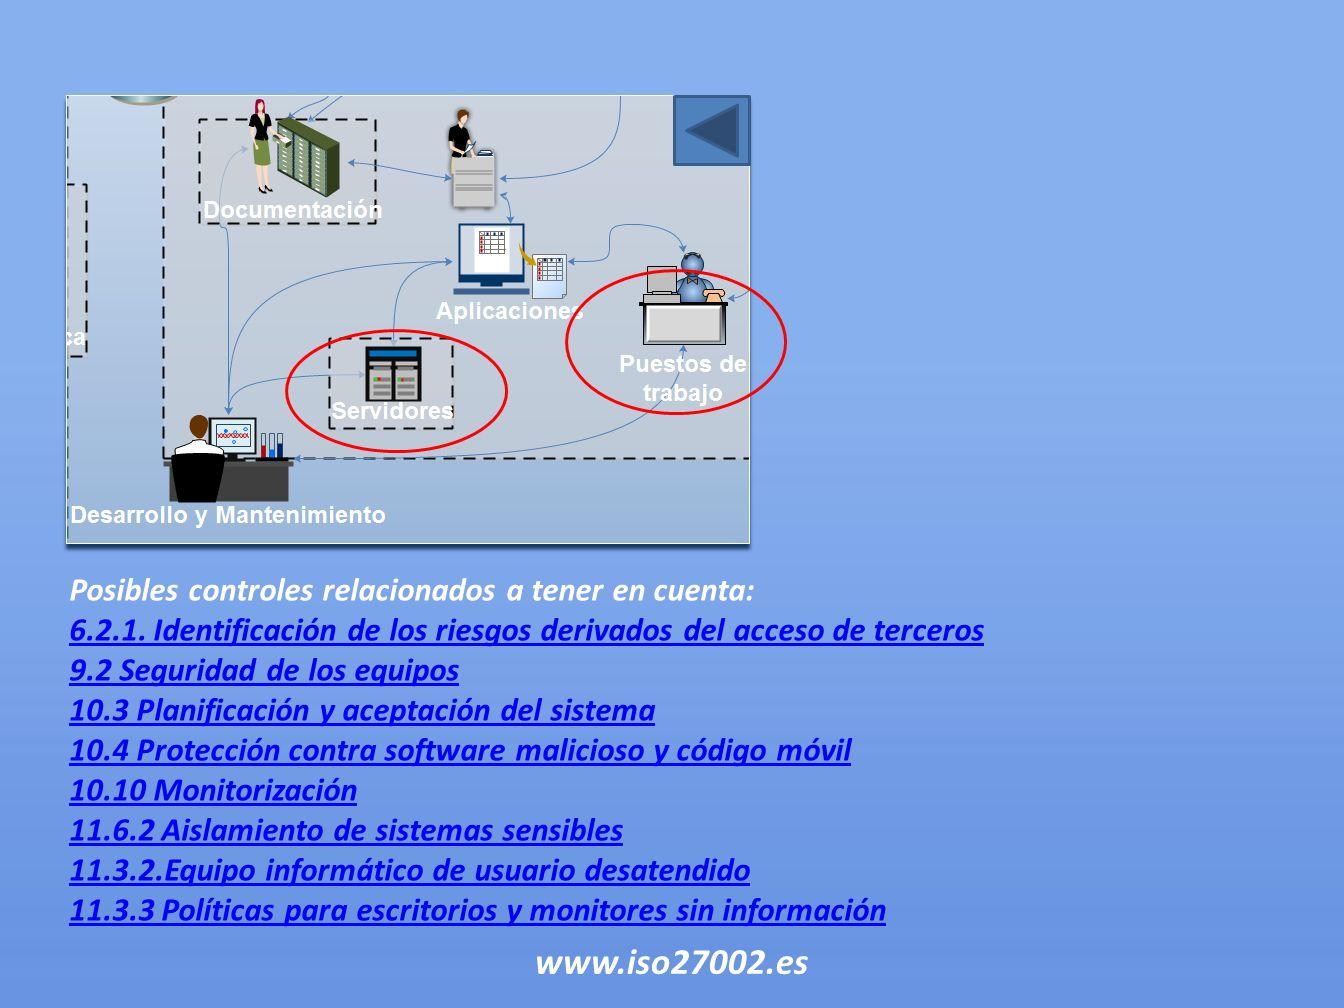 Posibles controles relacionados a tener en cuenta: 6.2.1. Identificación de los riesgos derivados del acceso de terceros 9.2 Seguridad de los equipos